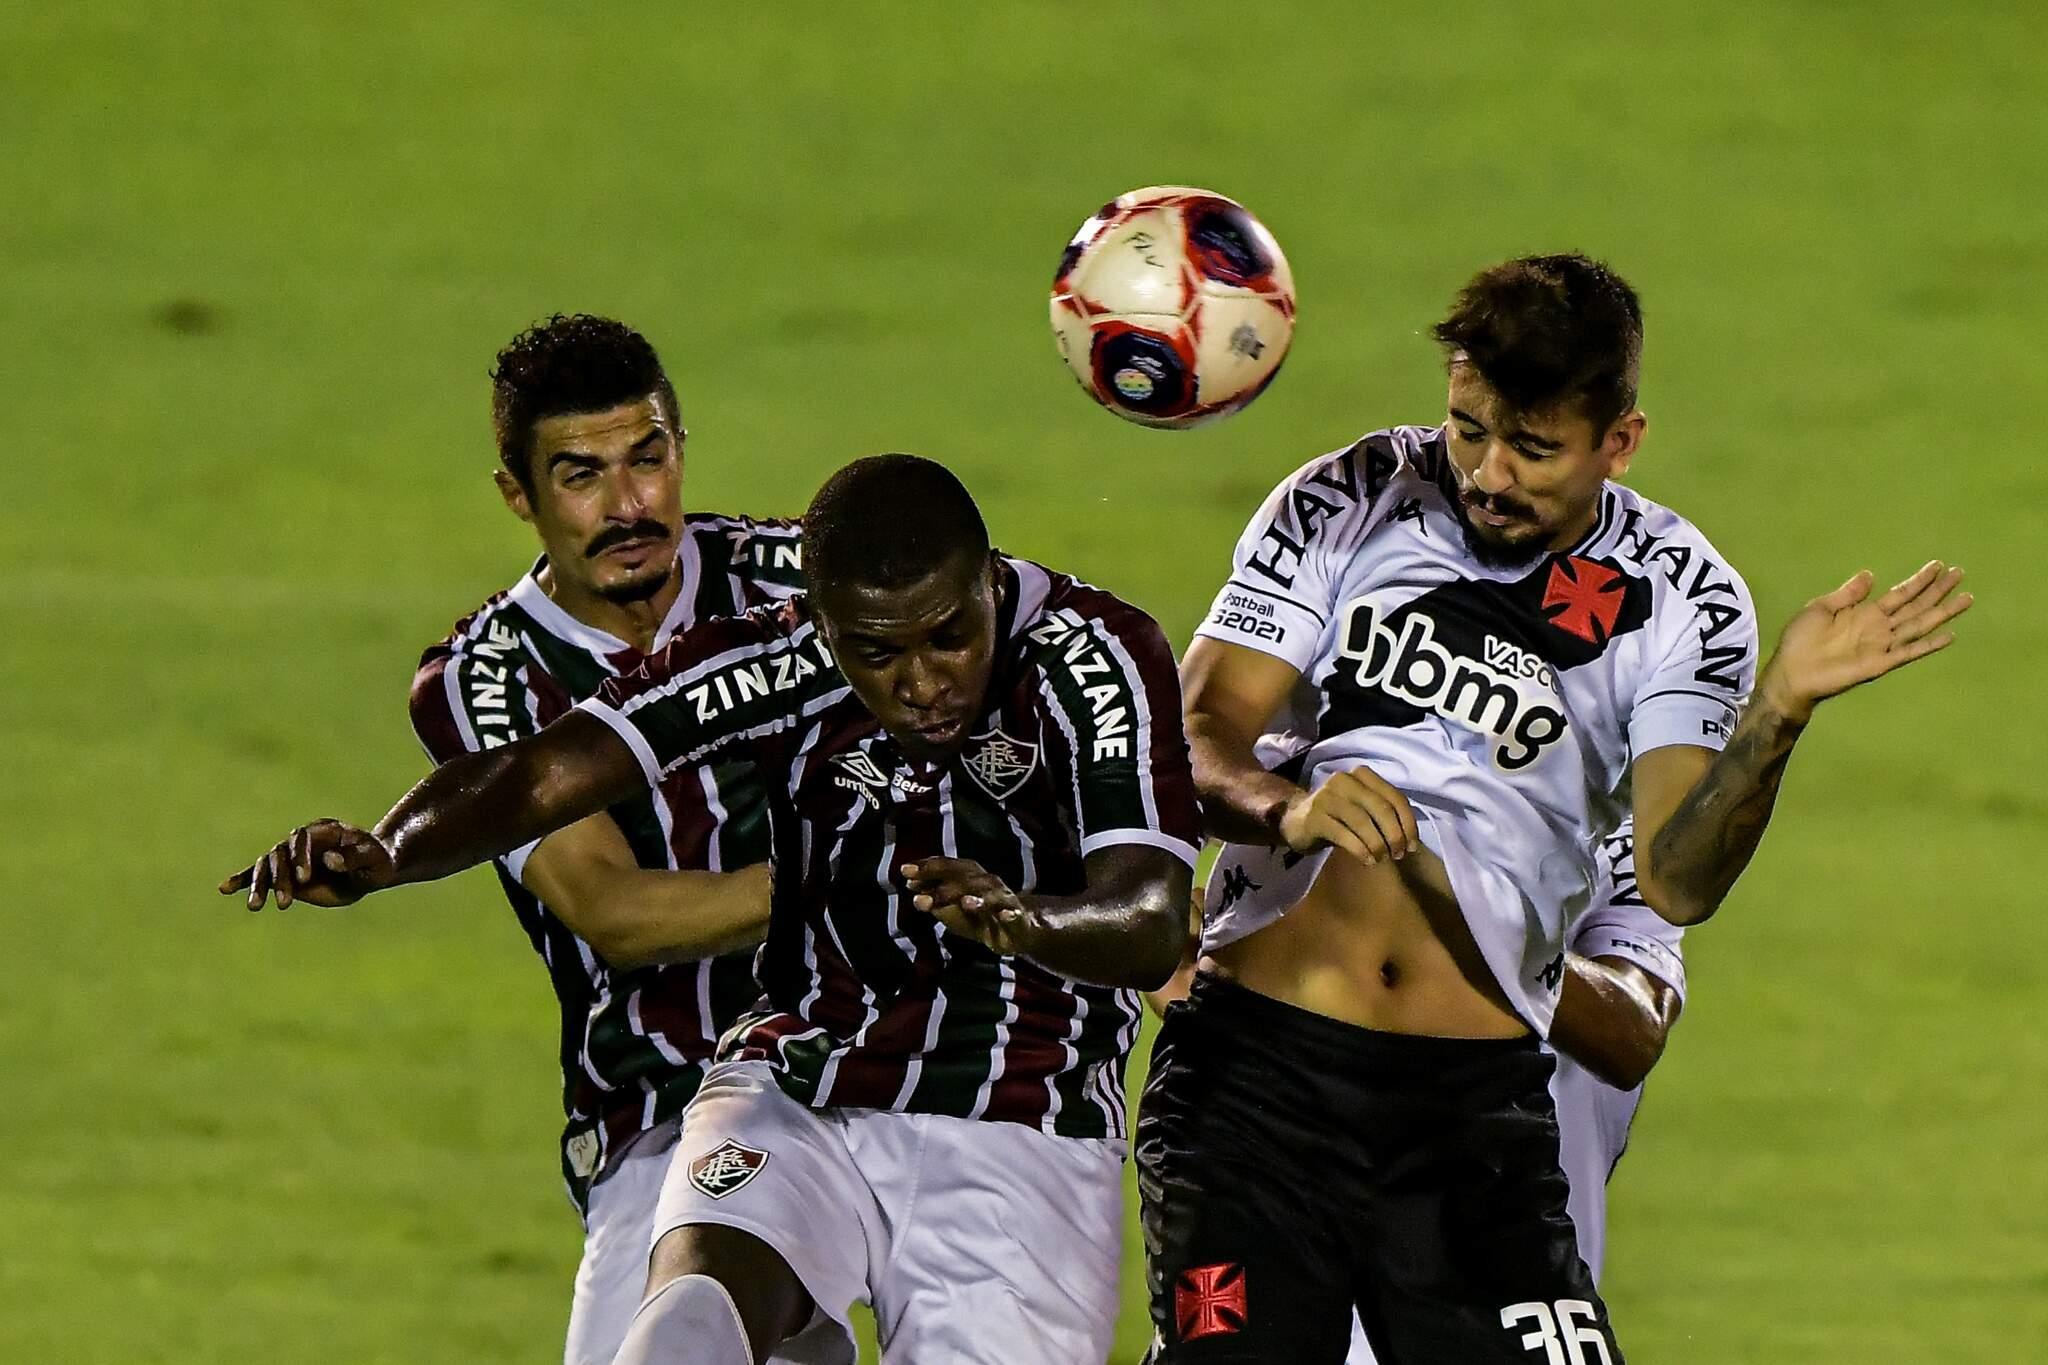 Luiz Henrique jogador do Fluminense disputa lance com Ricardo Graça jogador do Vasco durante partida no estádio Raulino de Oliveira pelo campeonato Carioca 2021. (Foto: Estadão Conteúdo)